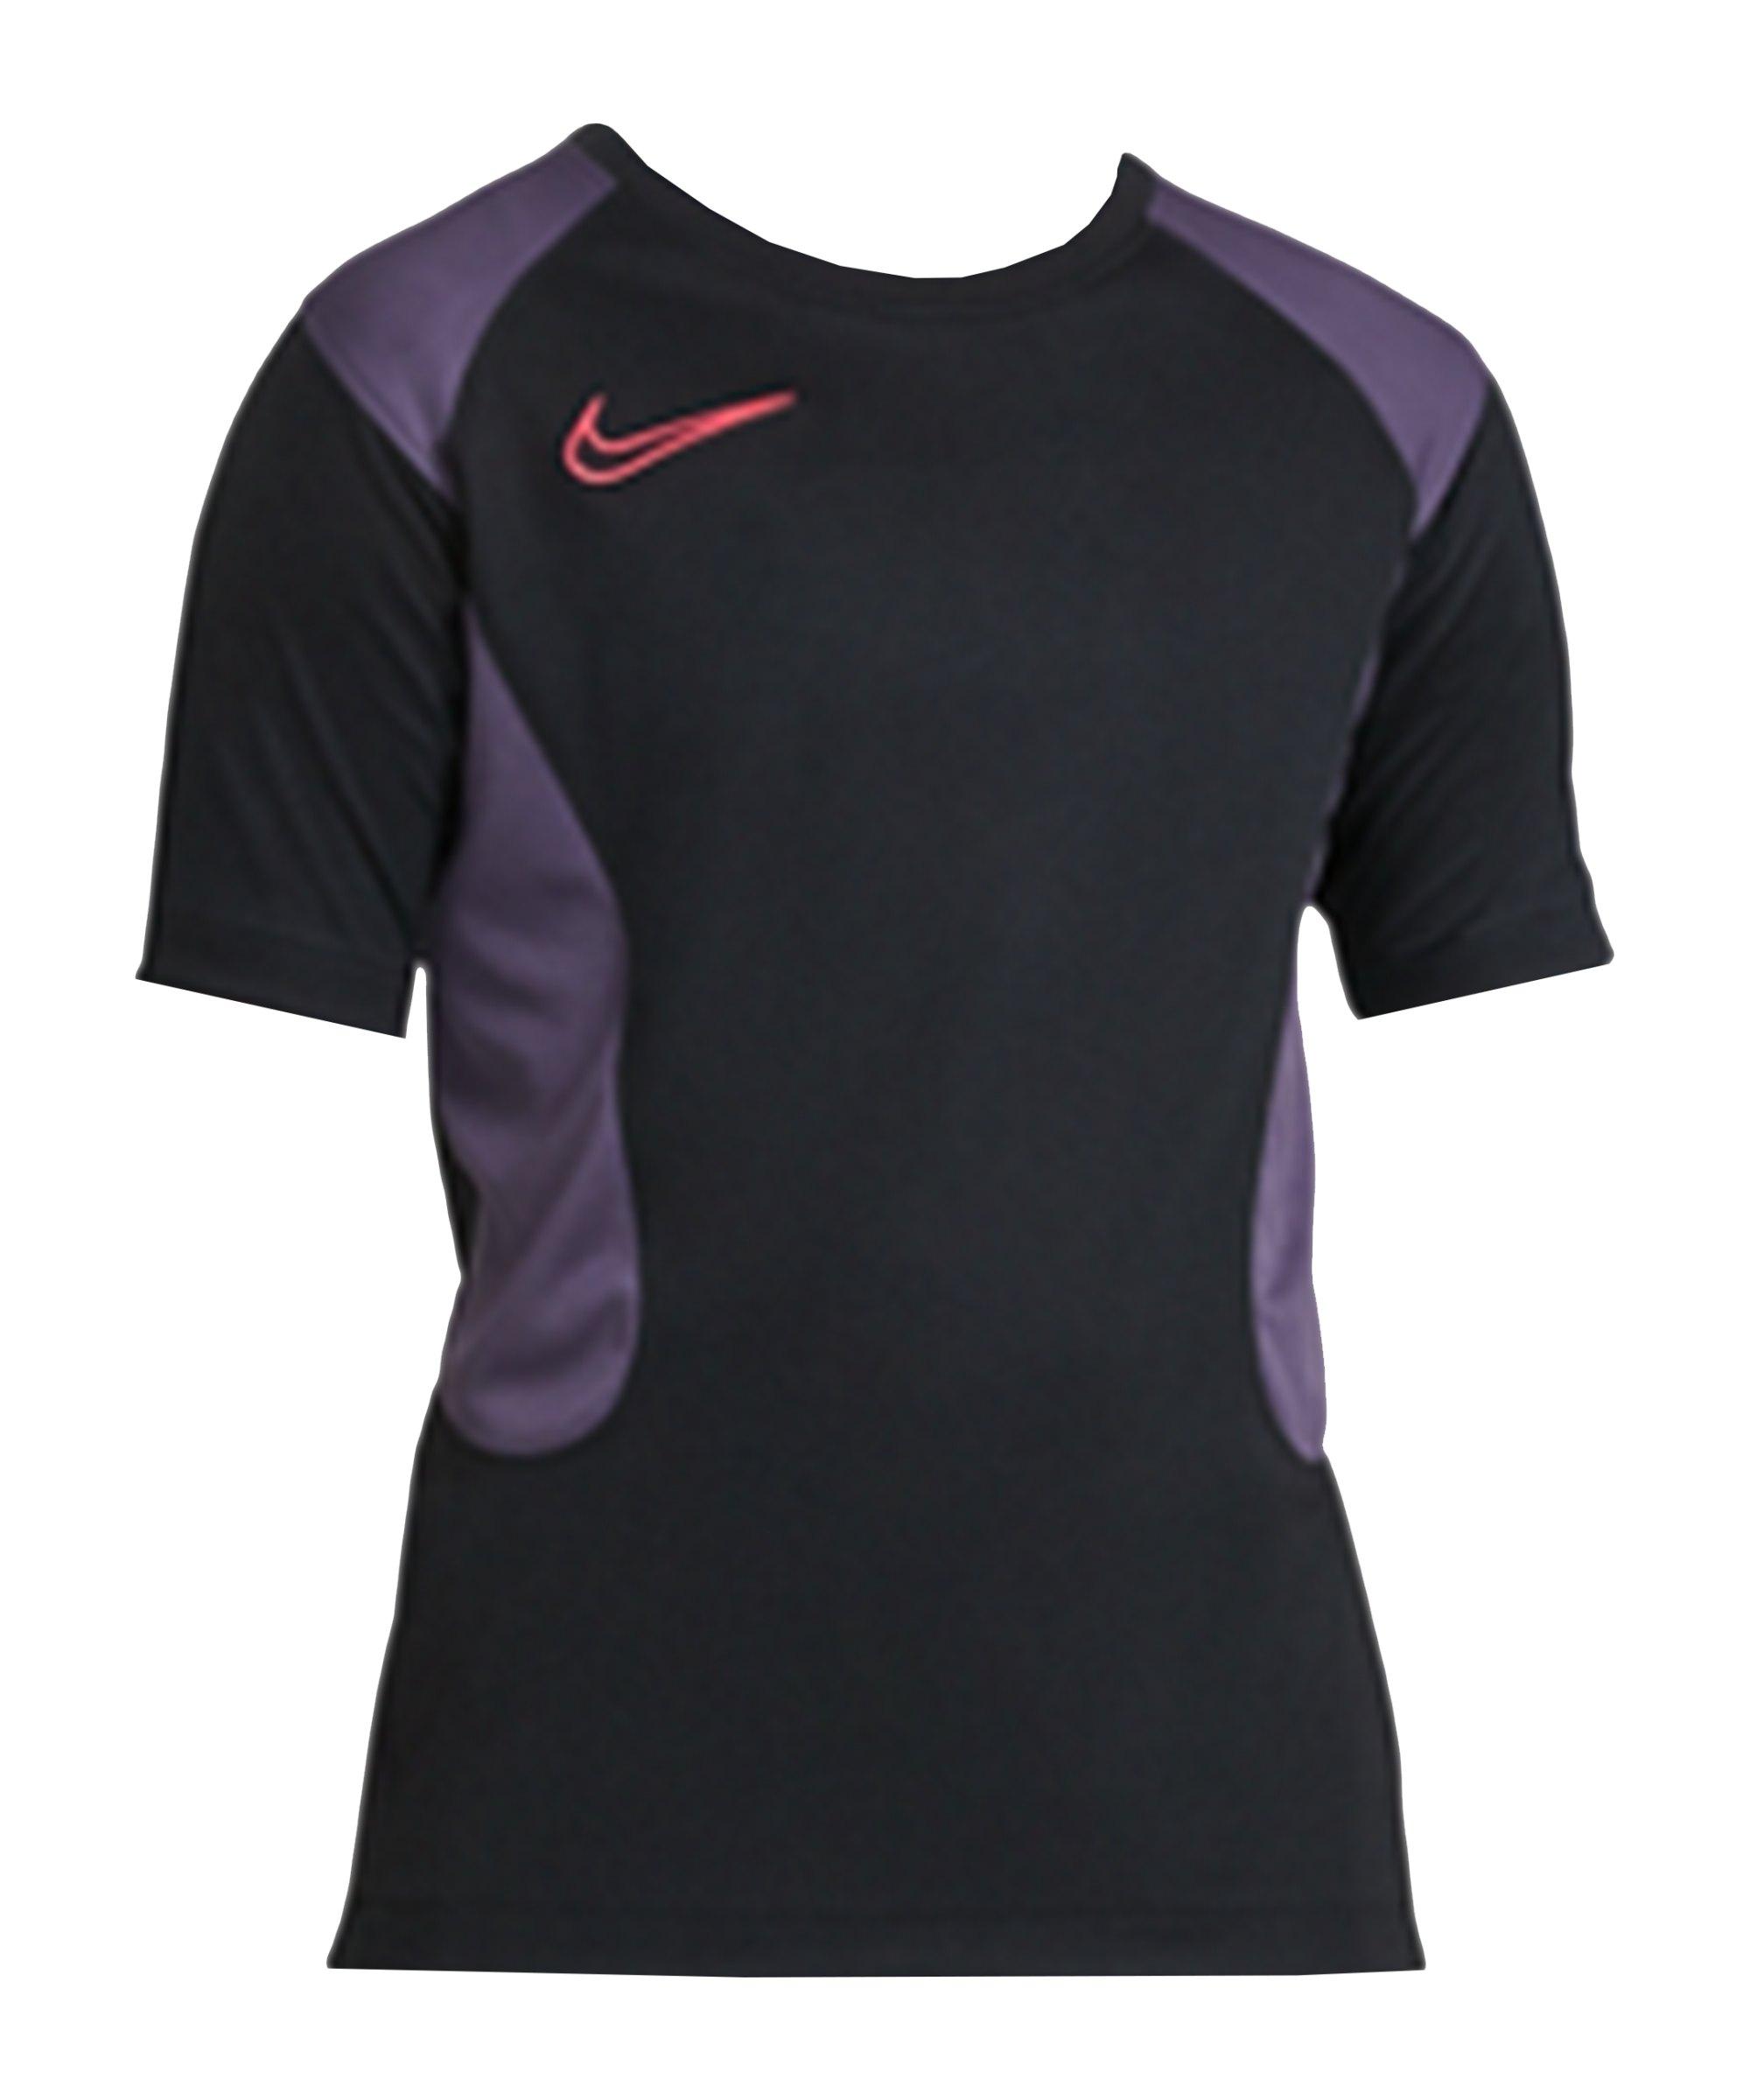 Nike Dry Academy T-Shirt Kids Schwarz Lila F010 - schwarz